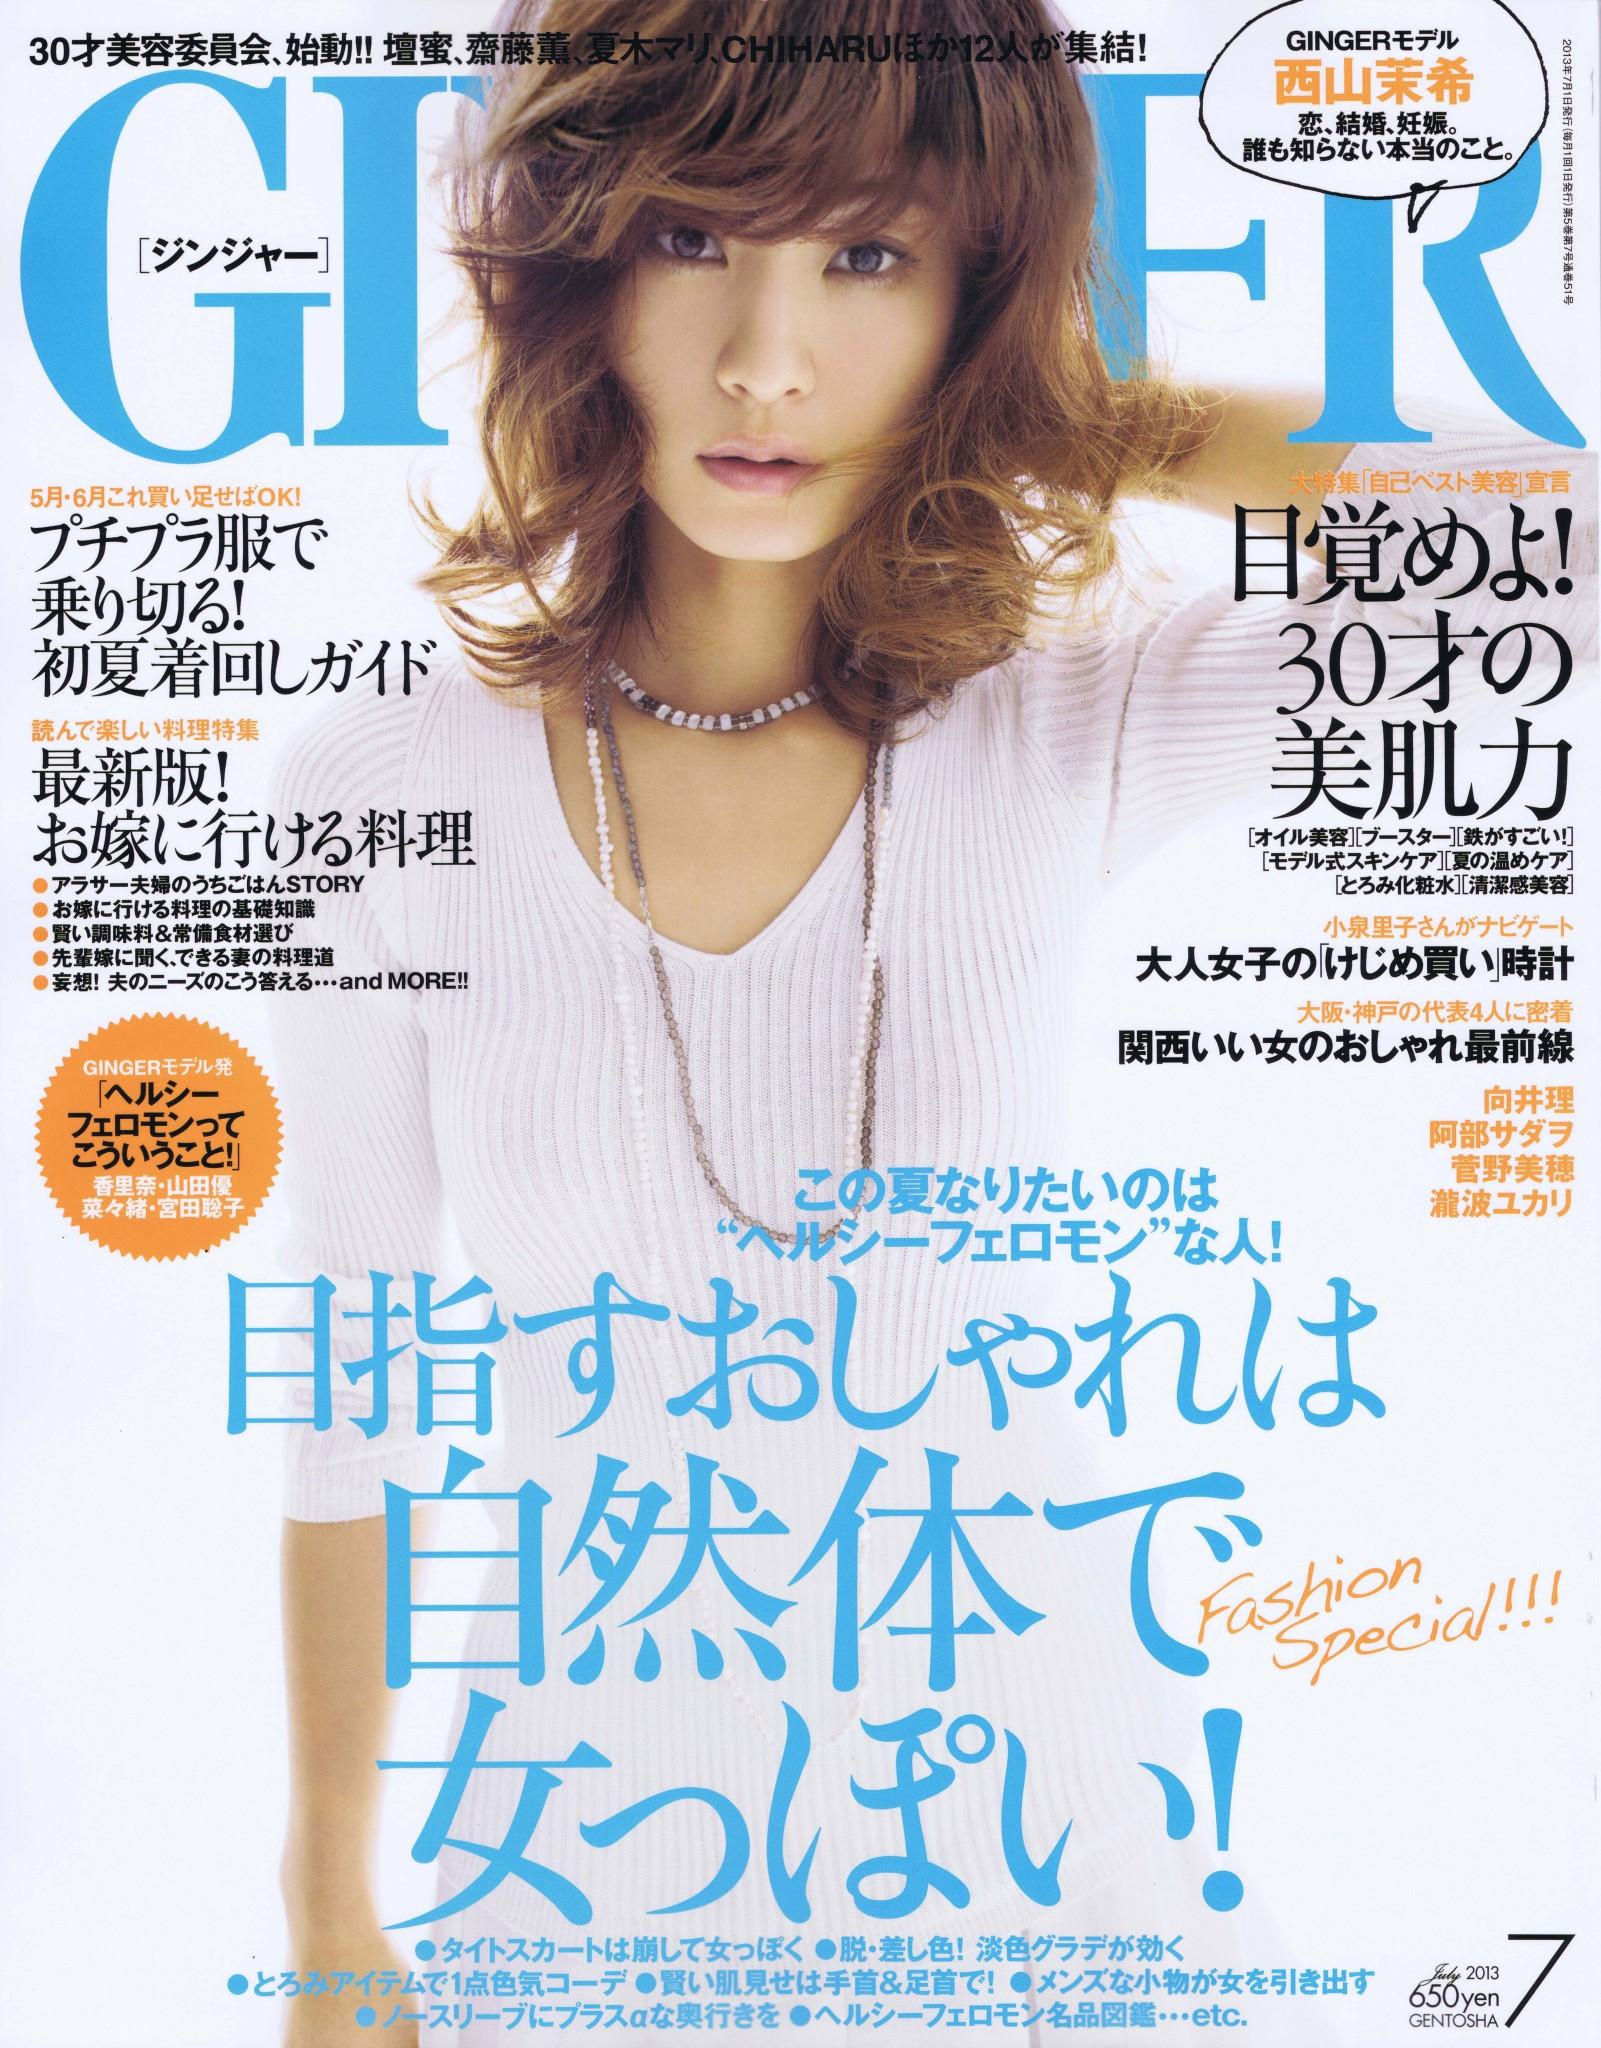 「GINGER」7月号に掲載されました。